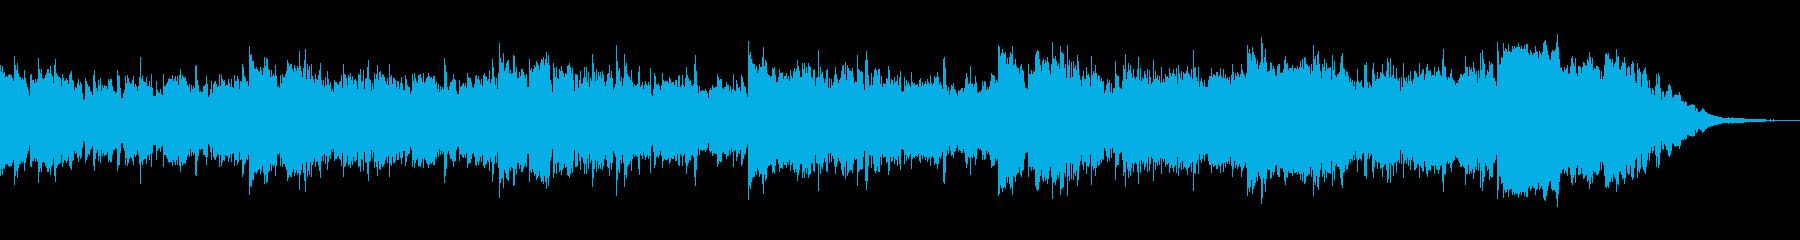 ウッドテラスが似合うロハス・自然派BGMの再生済みの波形